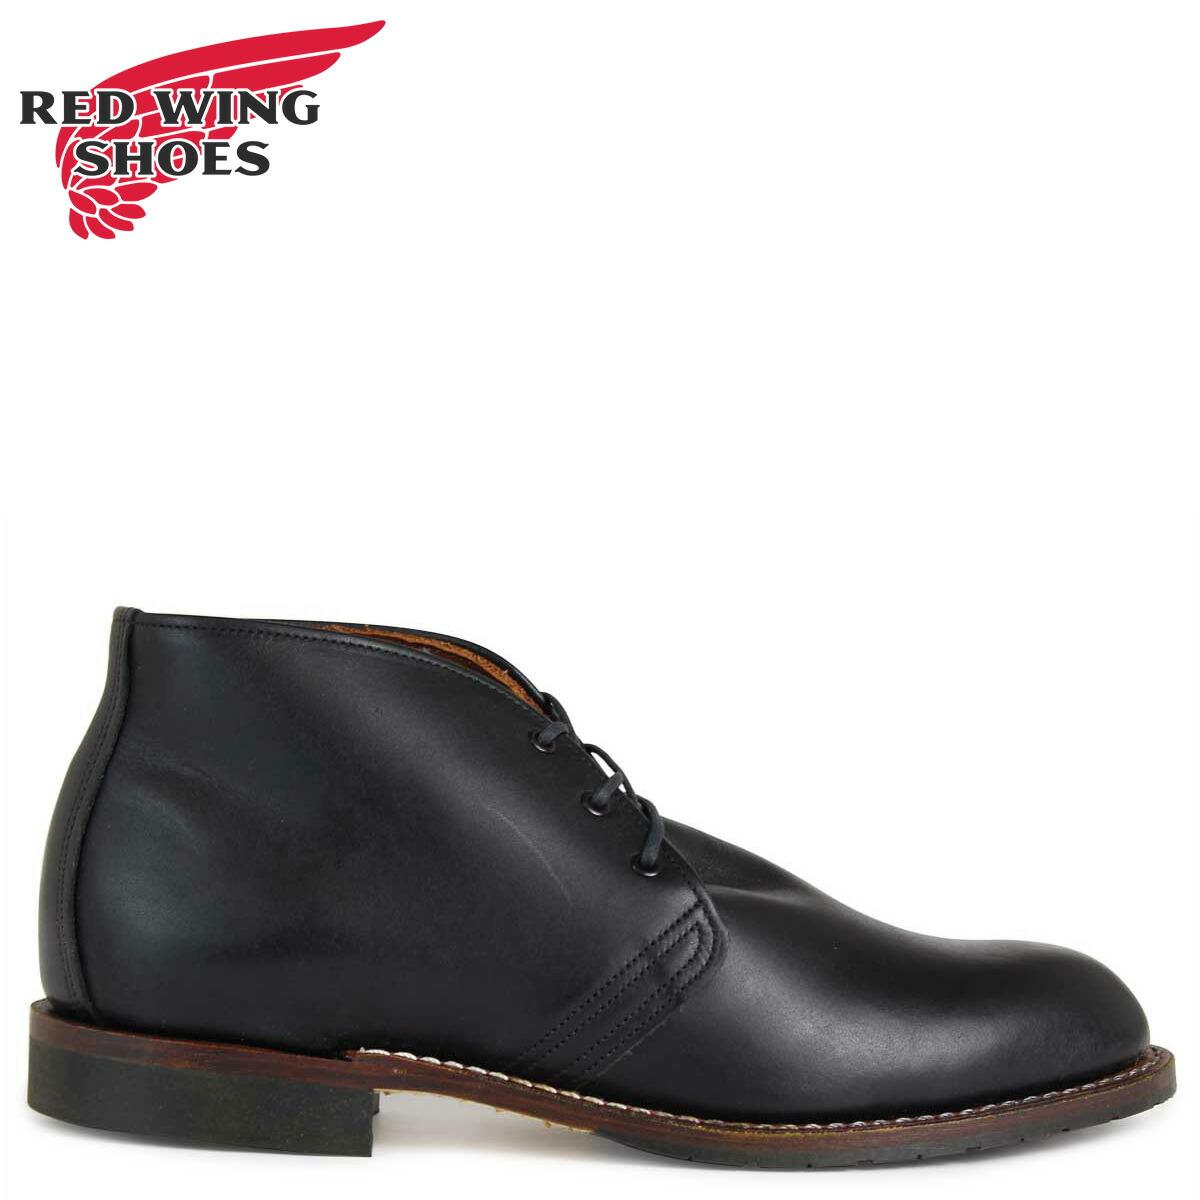 レッドウィング RED WING ベックマン ブーツ BECKMAN CHUKKA 9049 レッドウイング メンズ ブラック [予約商品 2/10頃入荷予定 追加入荷]